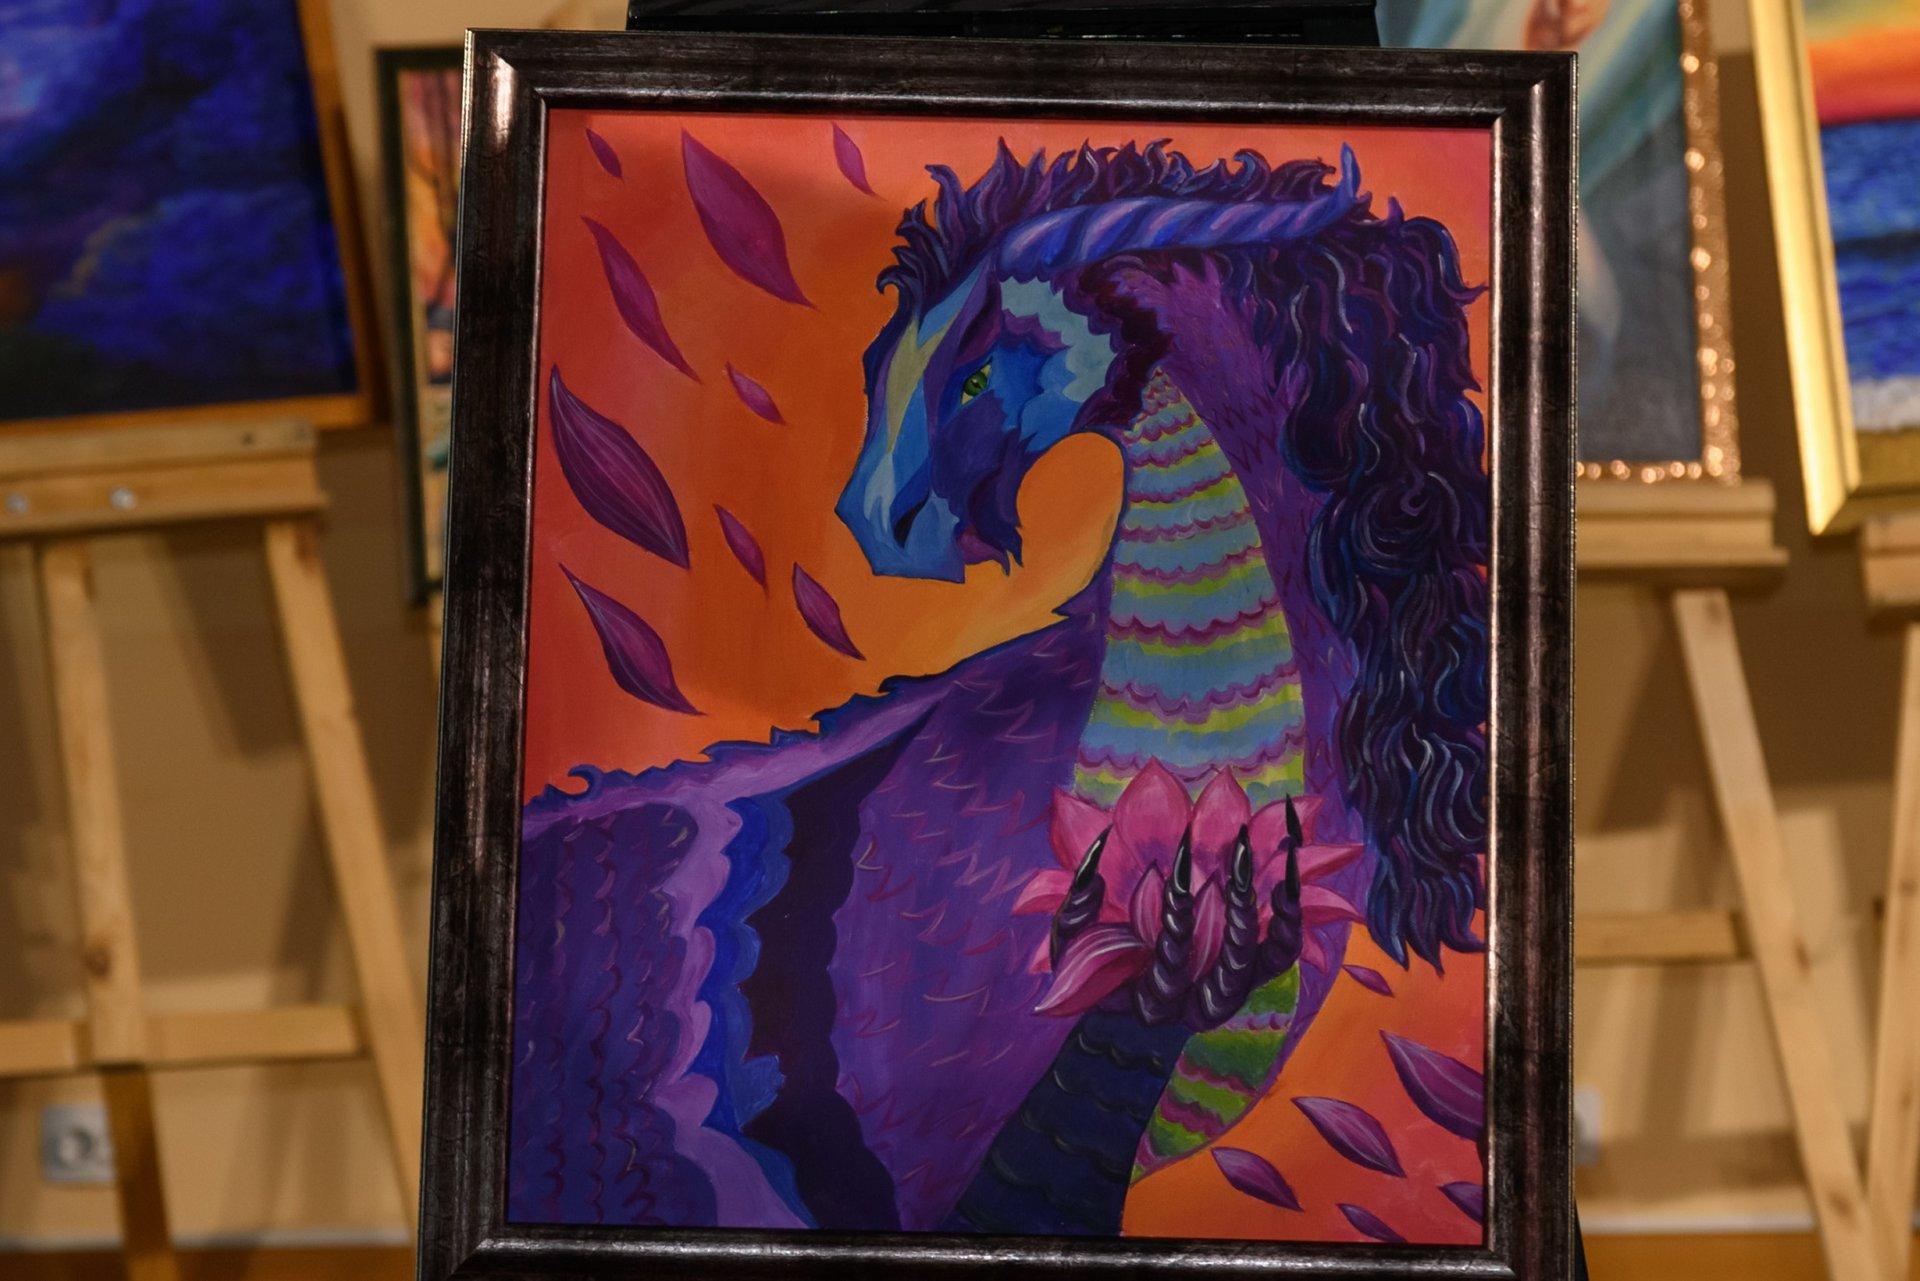 «Сердце дракона», художник - Мария Кочегина. Мечтами делился Никита, 9 лет